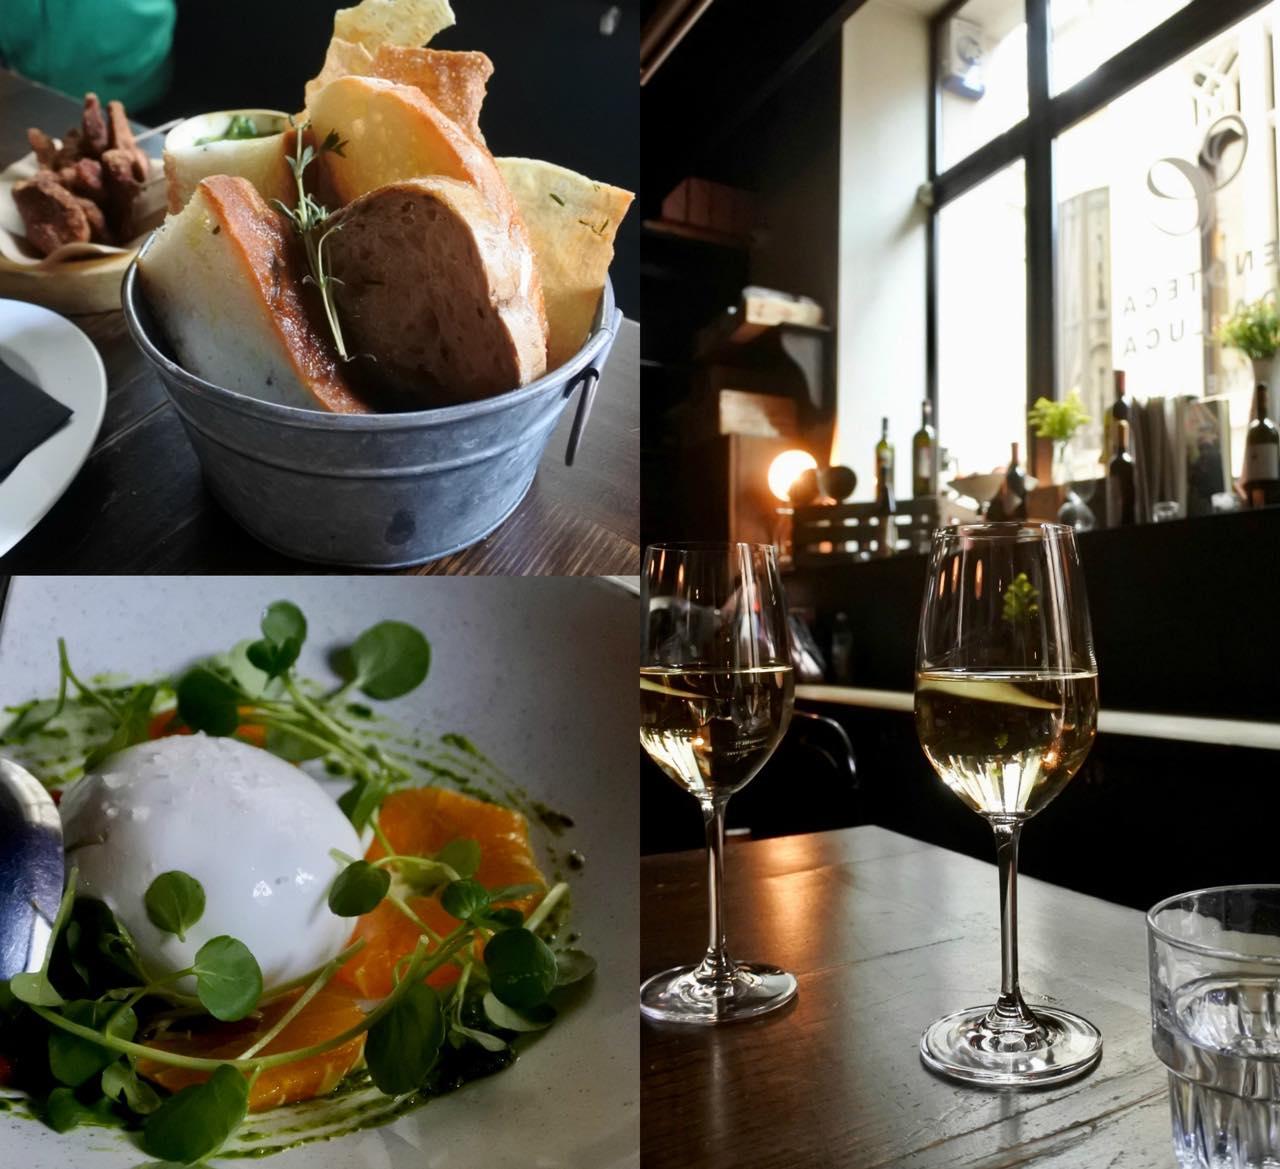 最近はどのレストランにもあるブラータ・チーズとトマトのサラダ。フレッシュで美味しい!